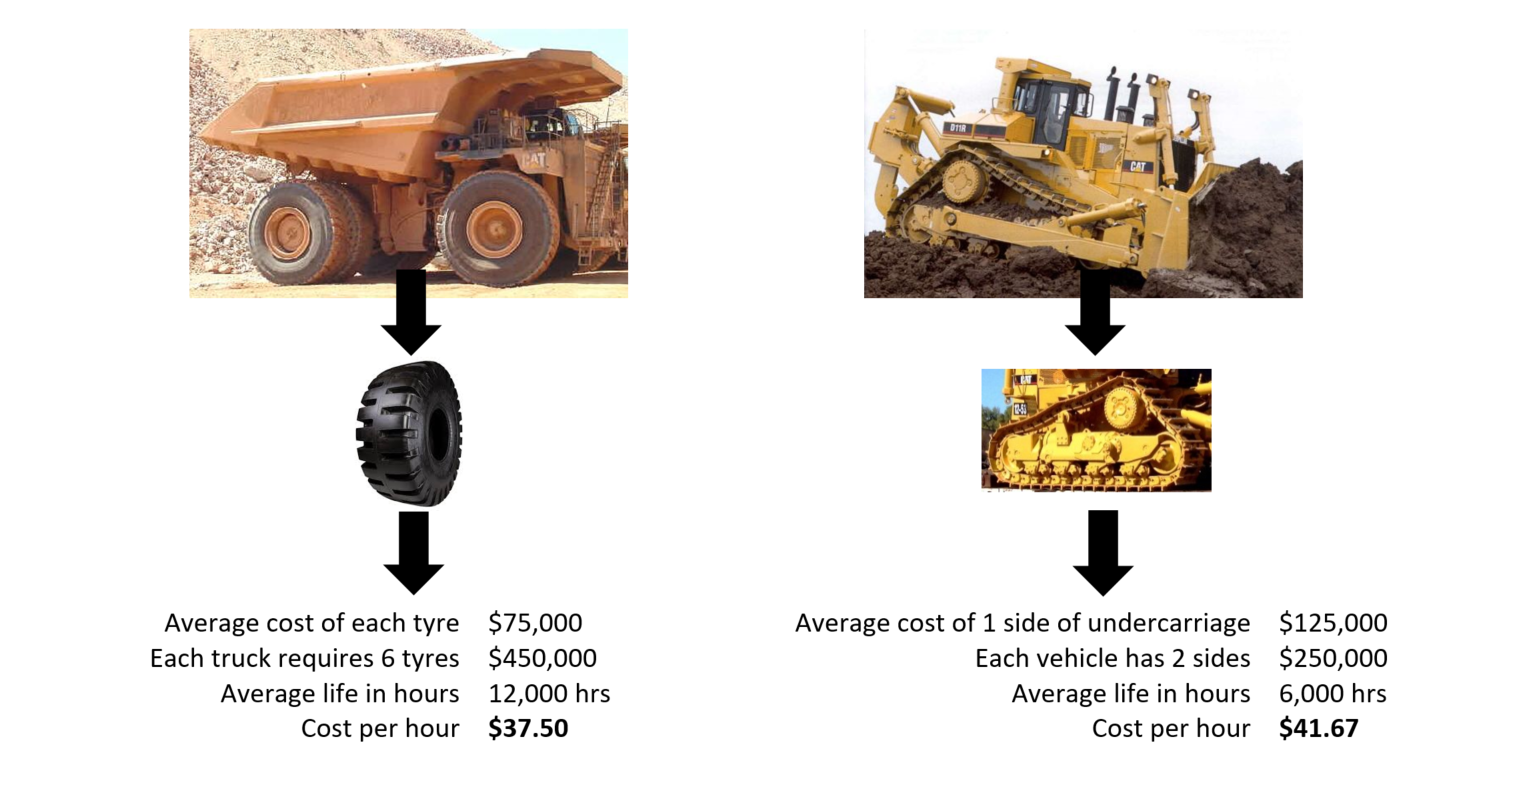 Tyre Management Vs Undercarriage Management - A Cost Comparison